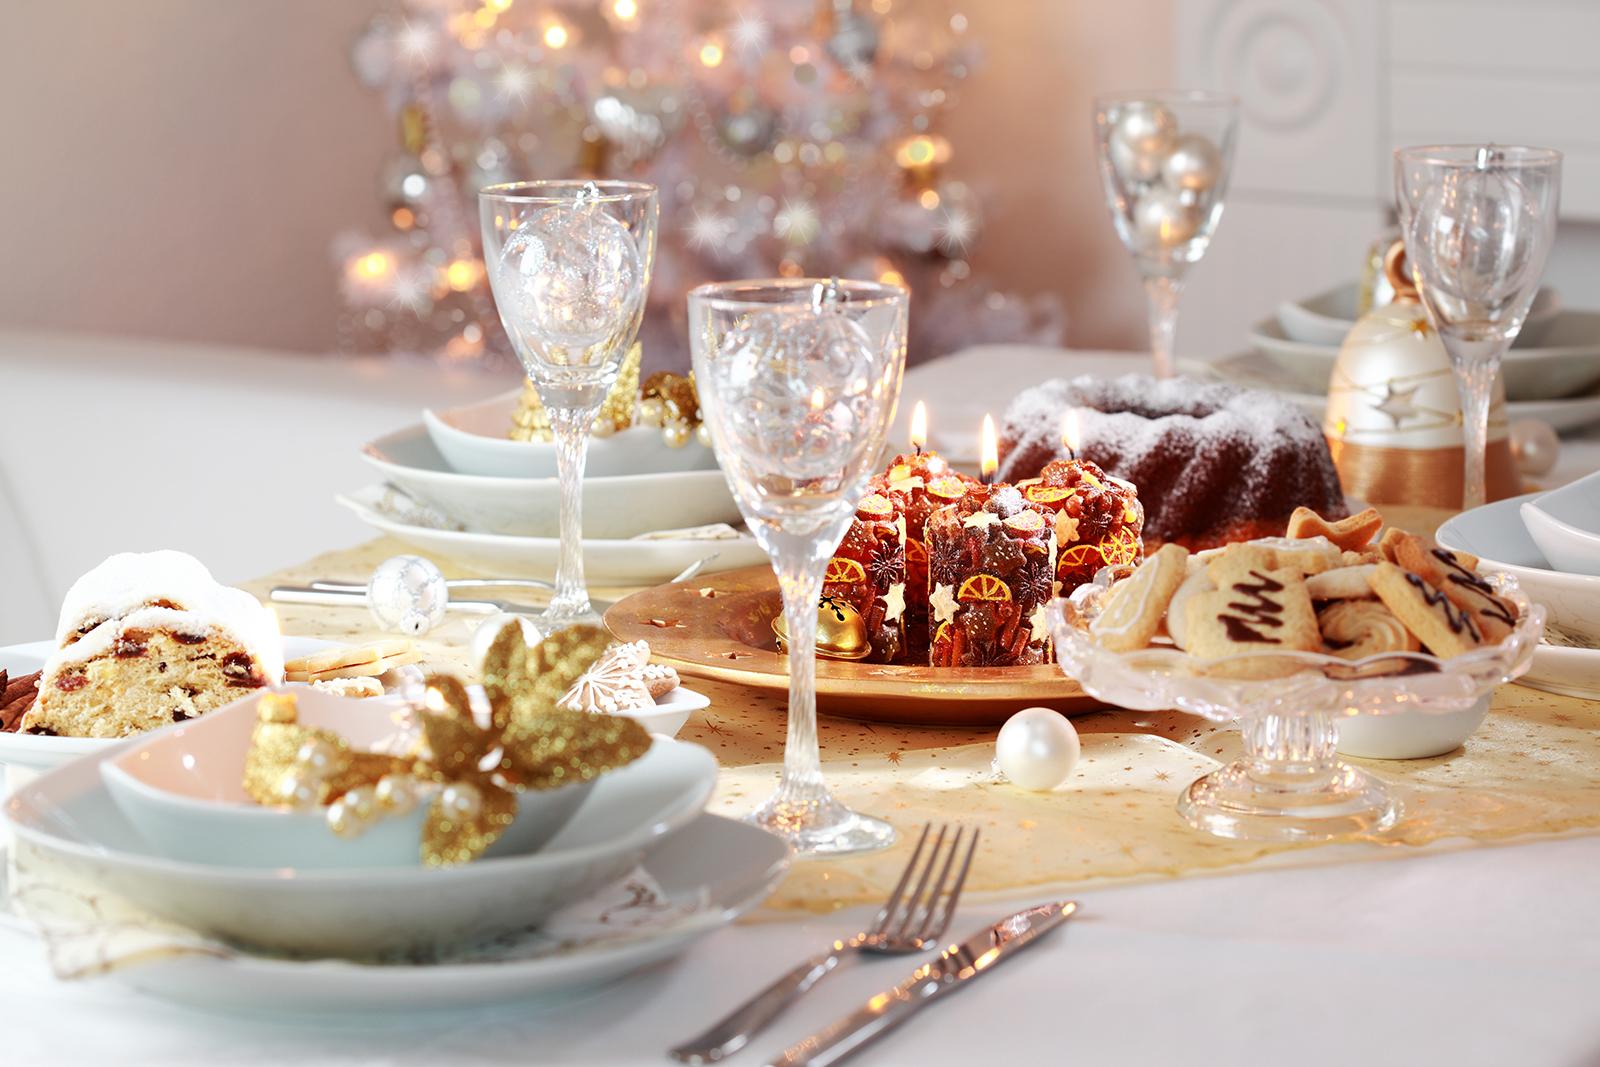 เฉลิมฉลองเทศกาลแห่งความสุข ส่งท้ายปีเก่า ต้อนรับปีใหม่ ณ โรงแรมอมารี วอเตอร์เกท กรุงเทพฯ